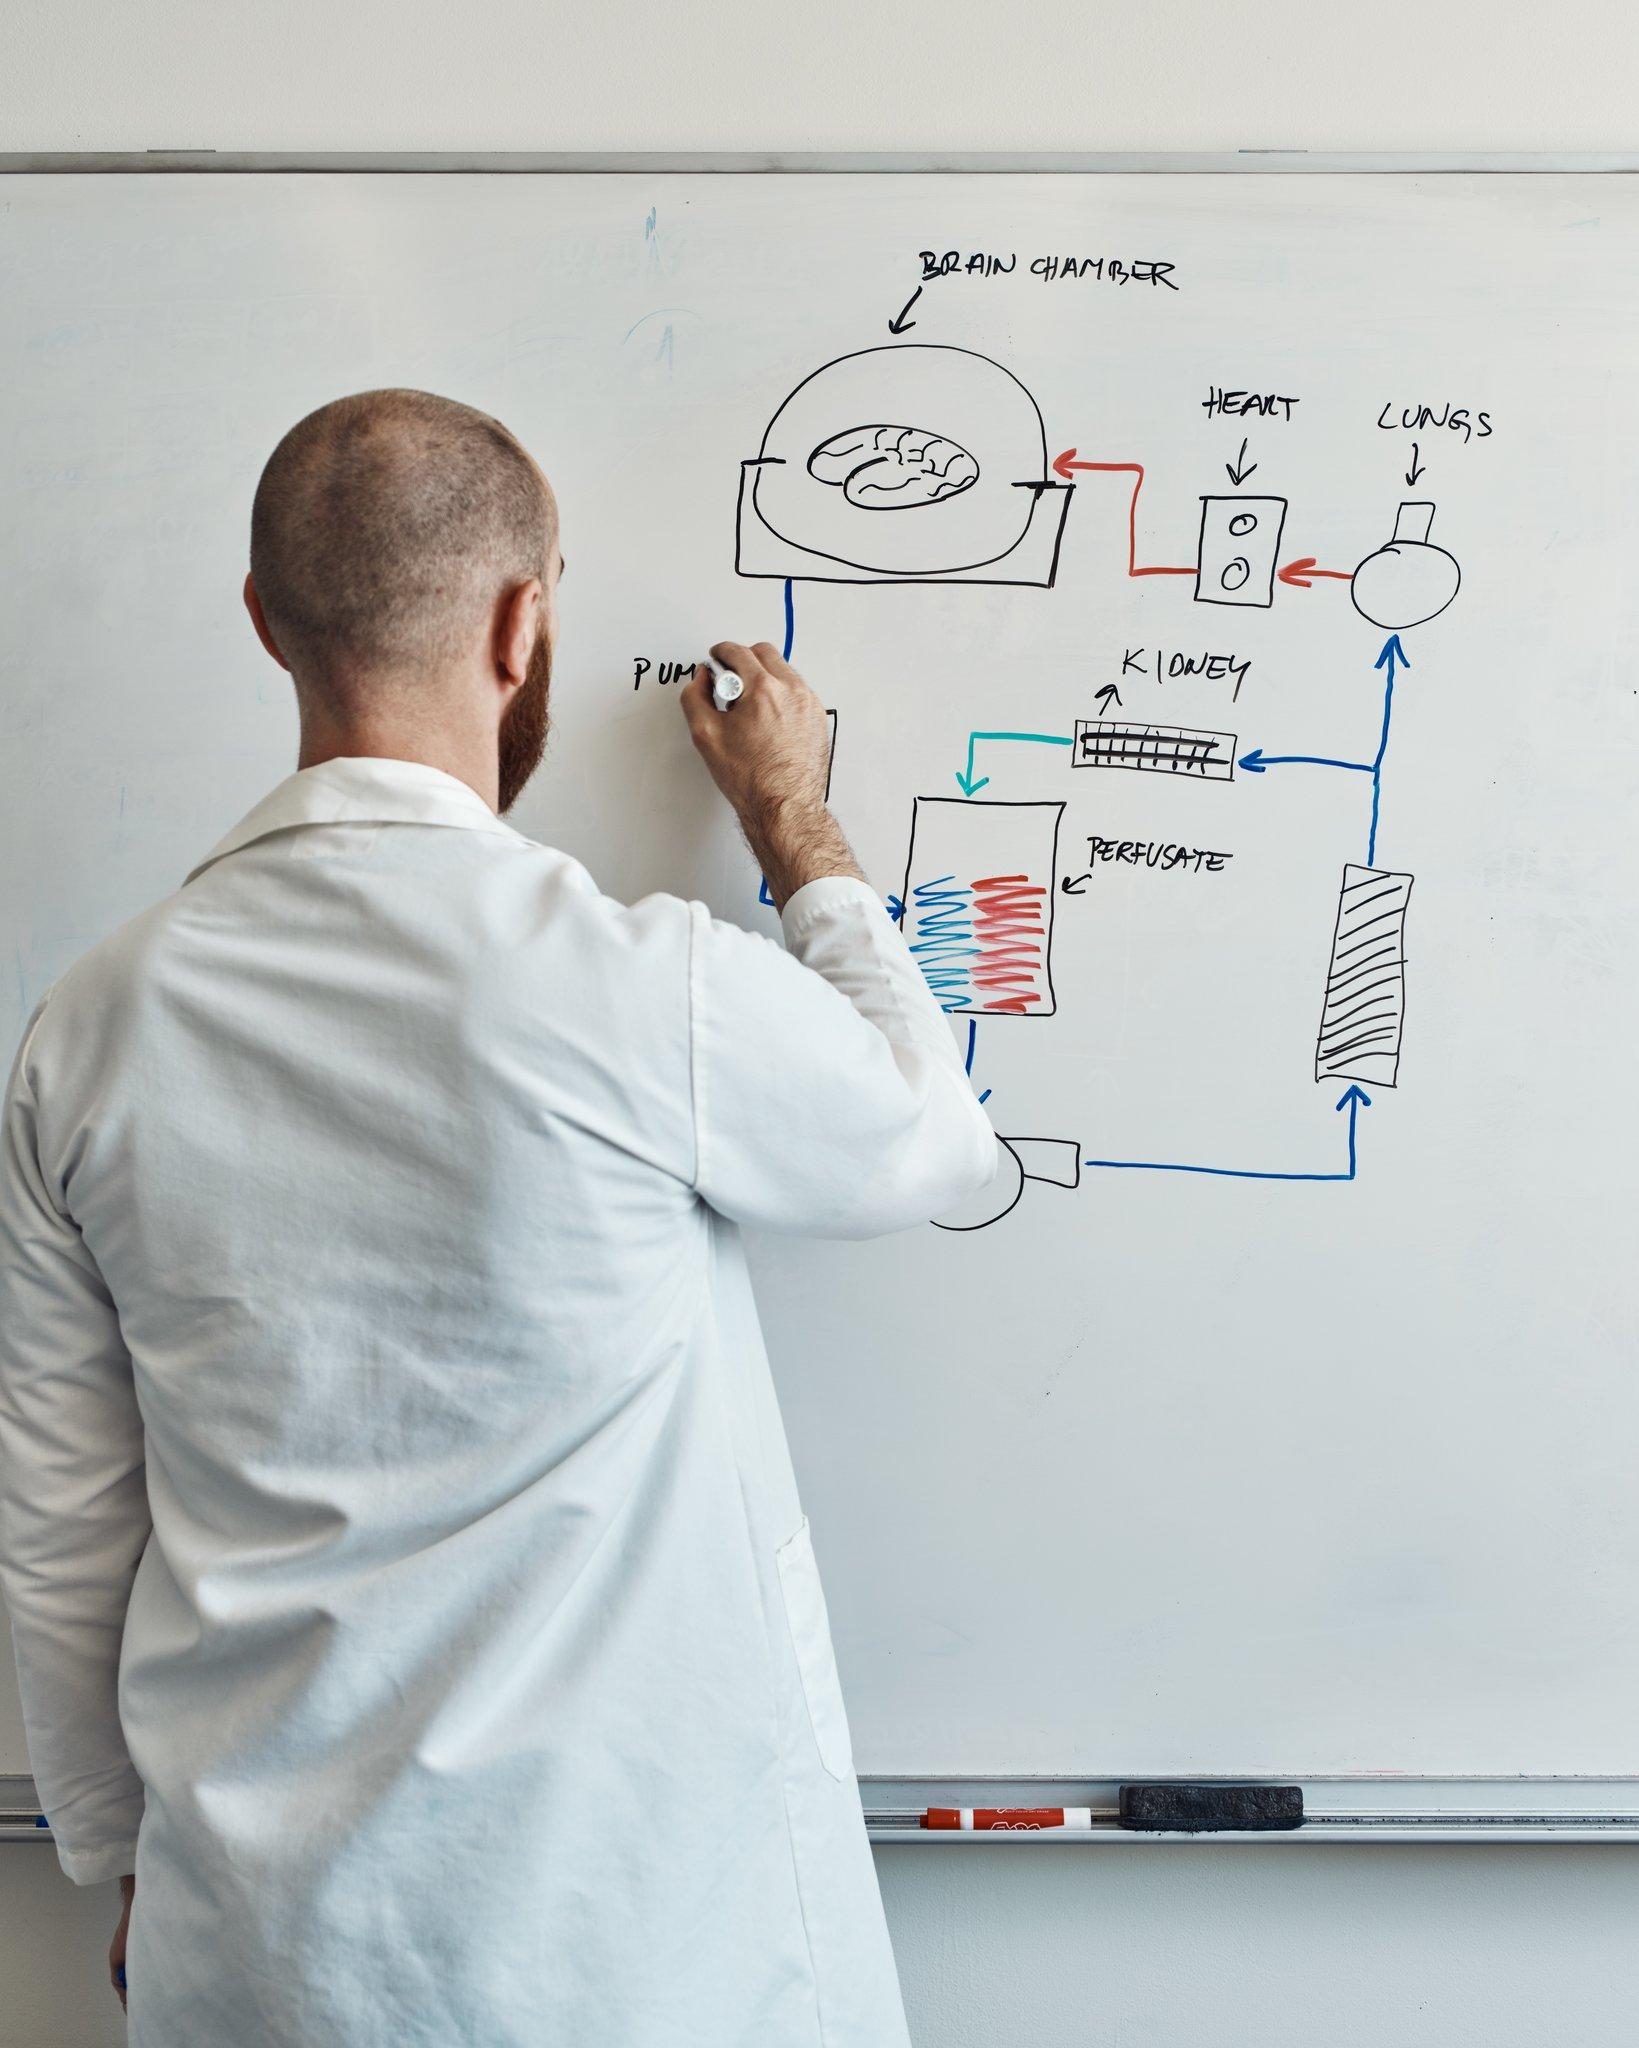 Vrselja phác thảo thiết kế cơ bản của hệ thống BrainEx. Ảnh: New York Times.